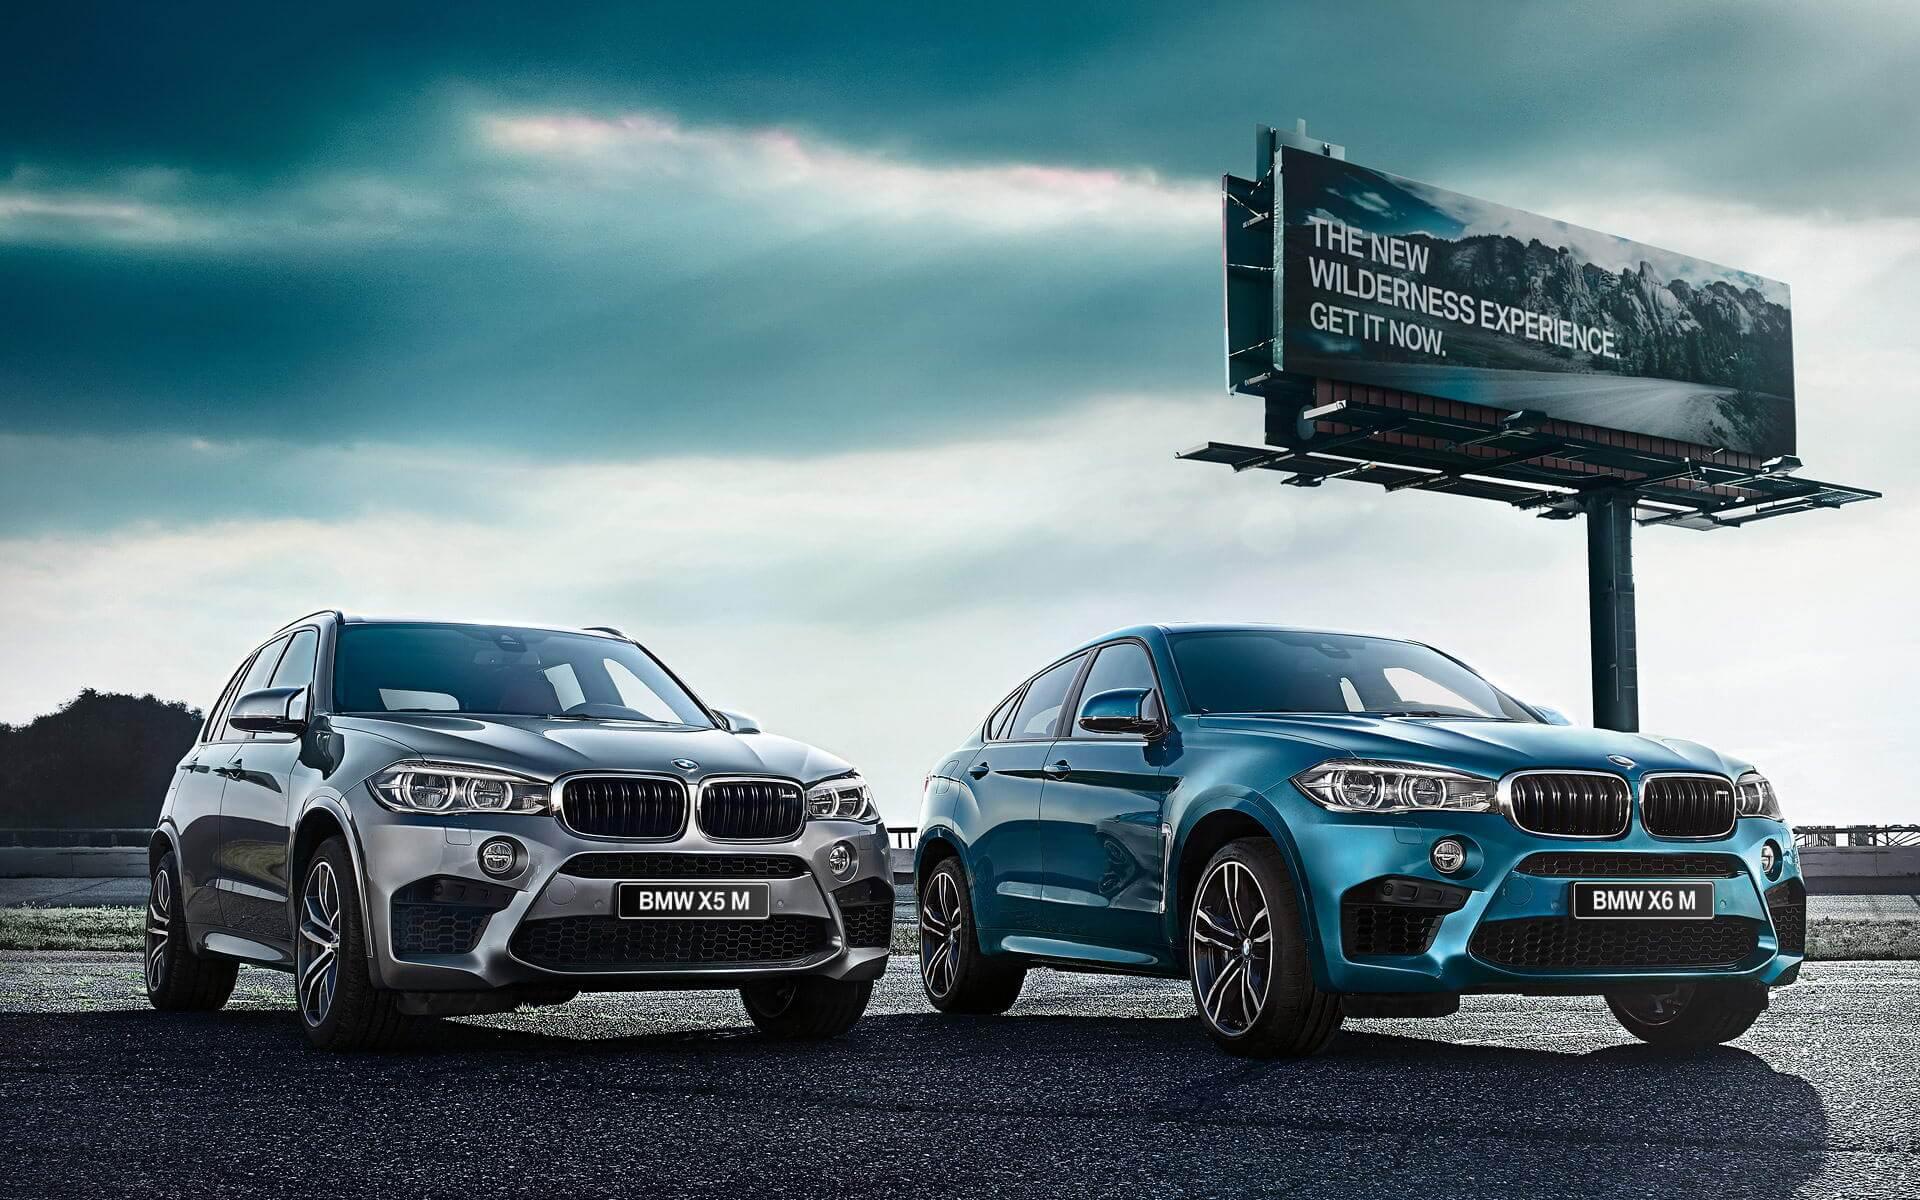 купить BMW X5 M 2015 и BMW X6 M 2015